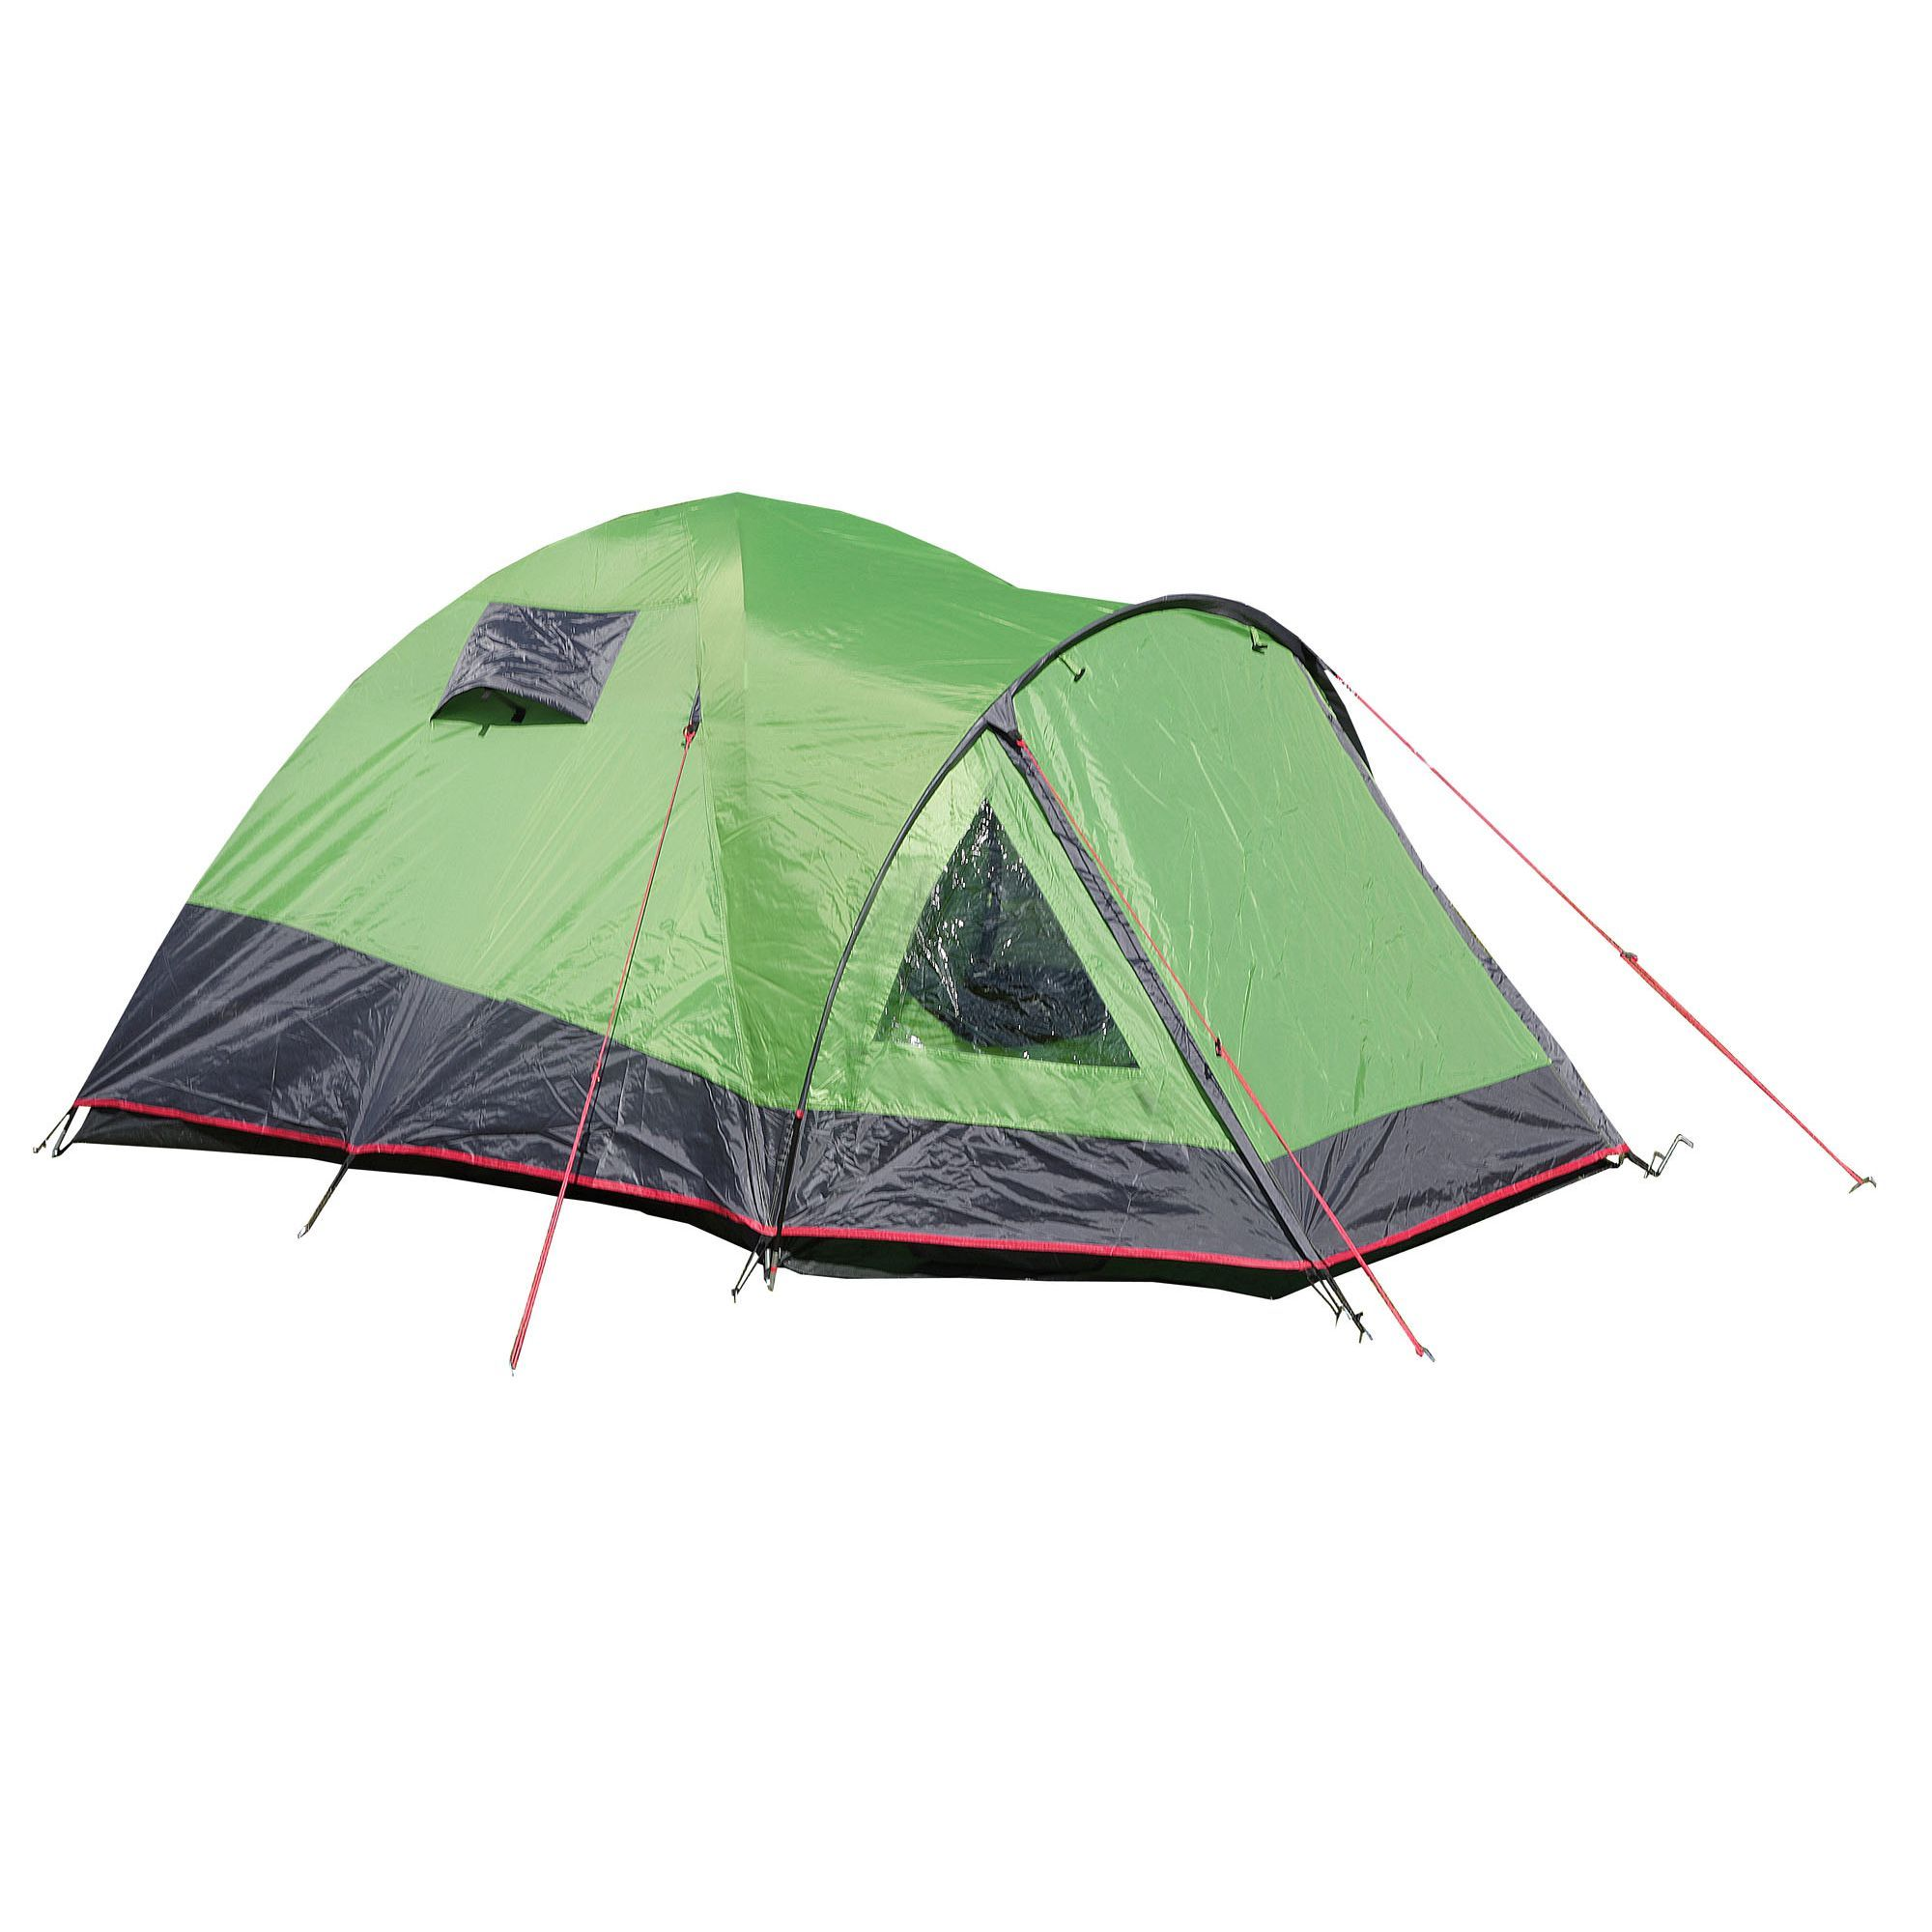 Ongekend √ Wildebeast Tent | WILDEBEAST ZONGA BLAUW IF-36